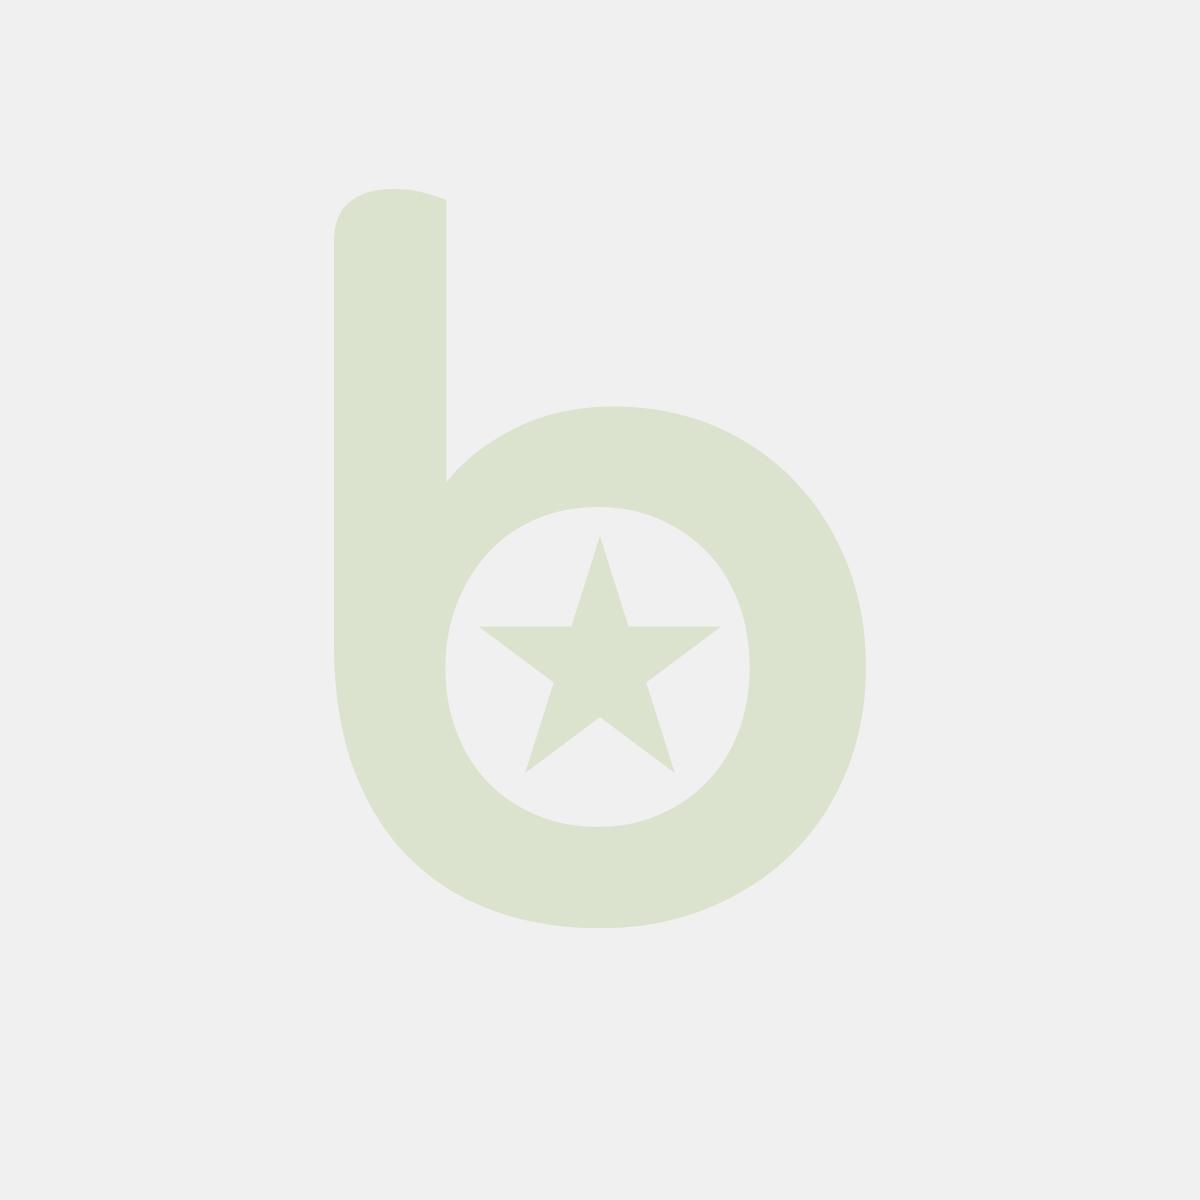 Pokrywka Do Gn Budget Line - Z Uszczelką Silikonową Gn 1/2